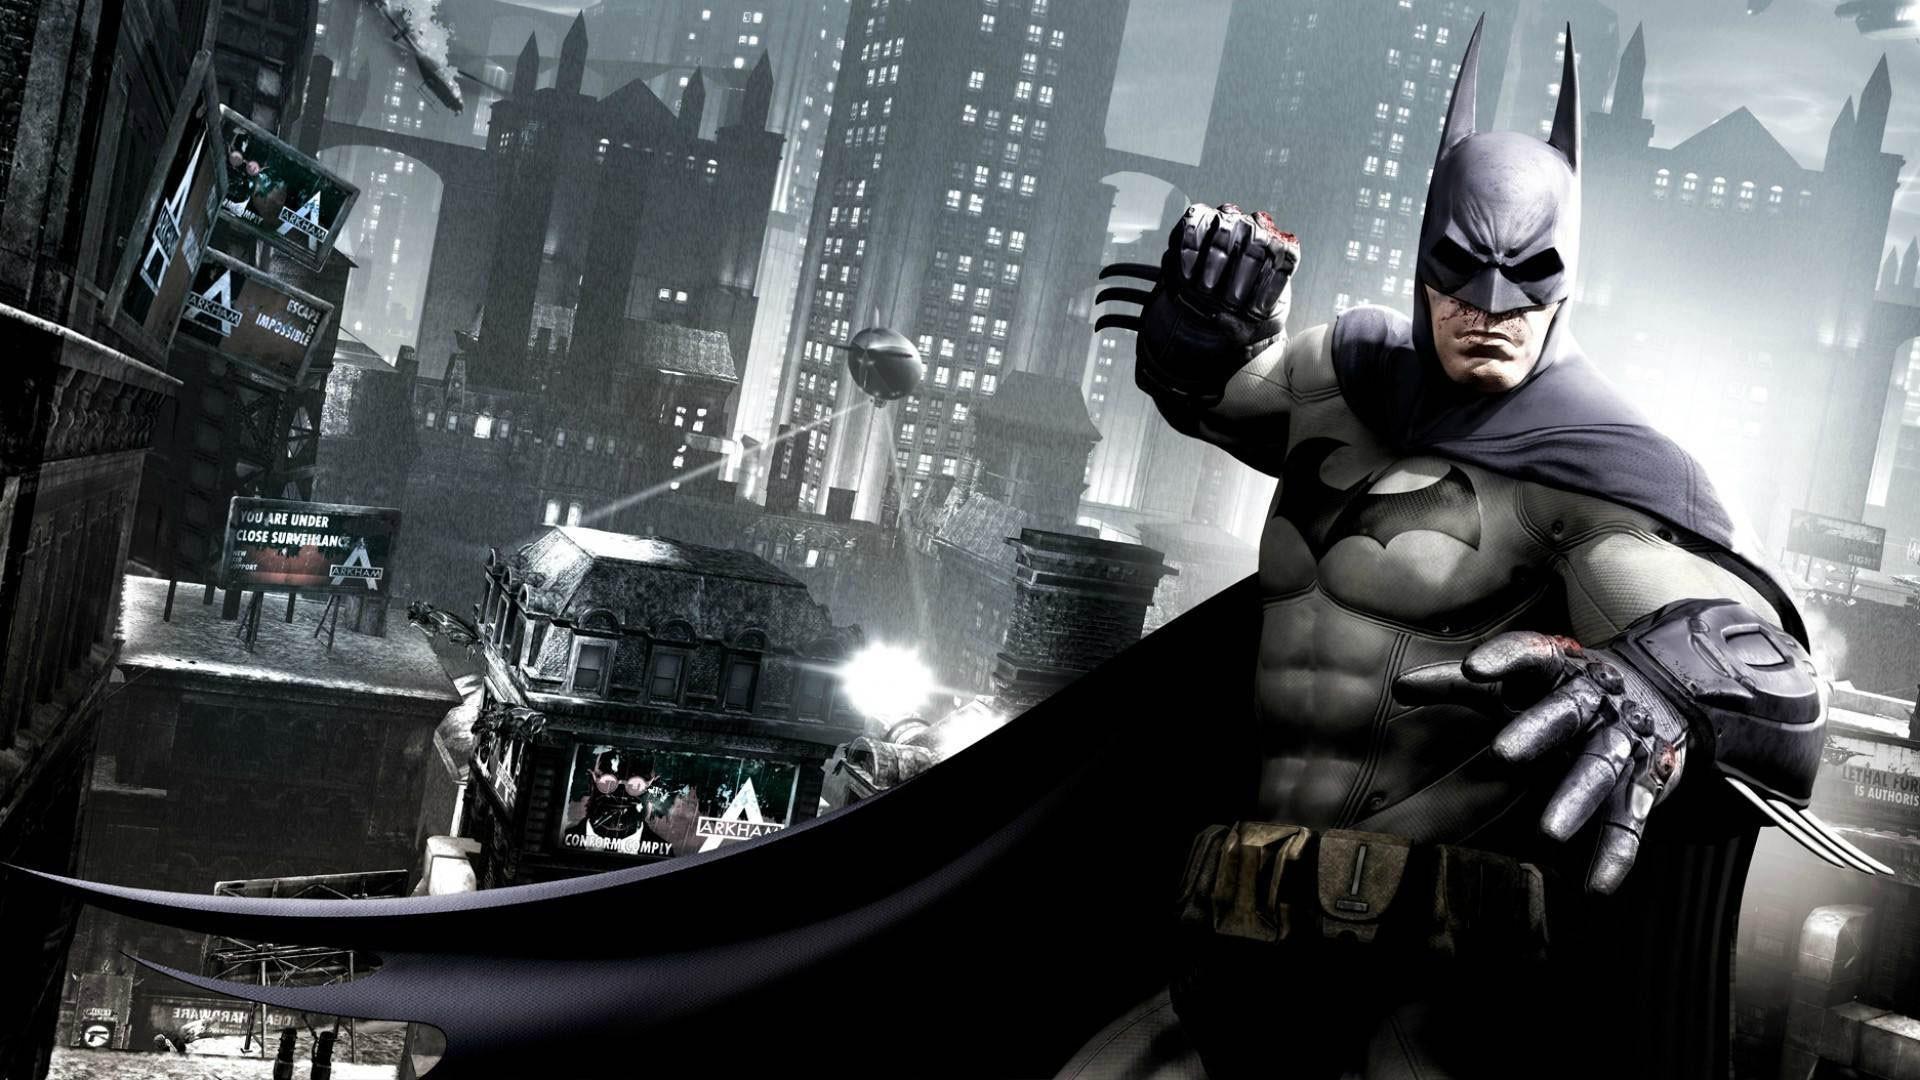 Batman Arkham Origins 1080p Wallpaper